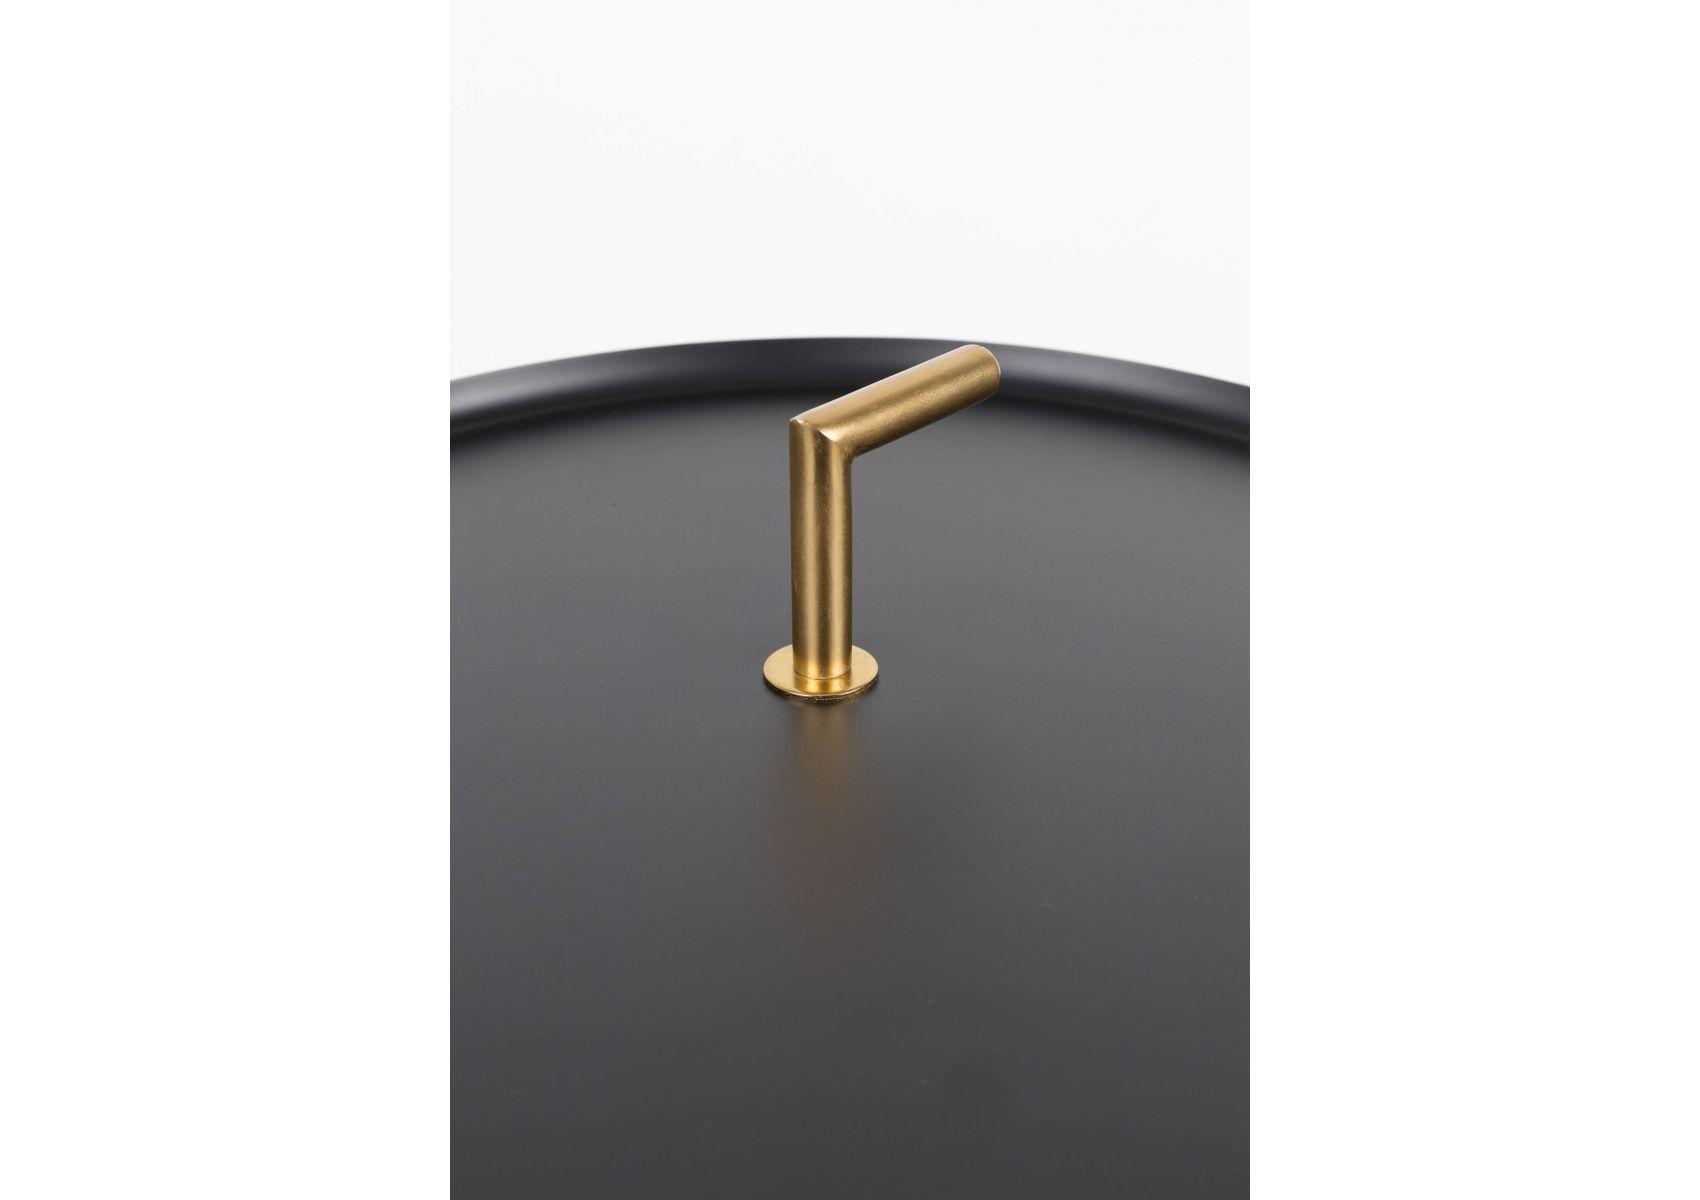 table d 39 appoint m tal et laiton rumbi boite design. Black Bedroom Furniture Sets. Home Design Ideas